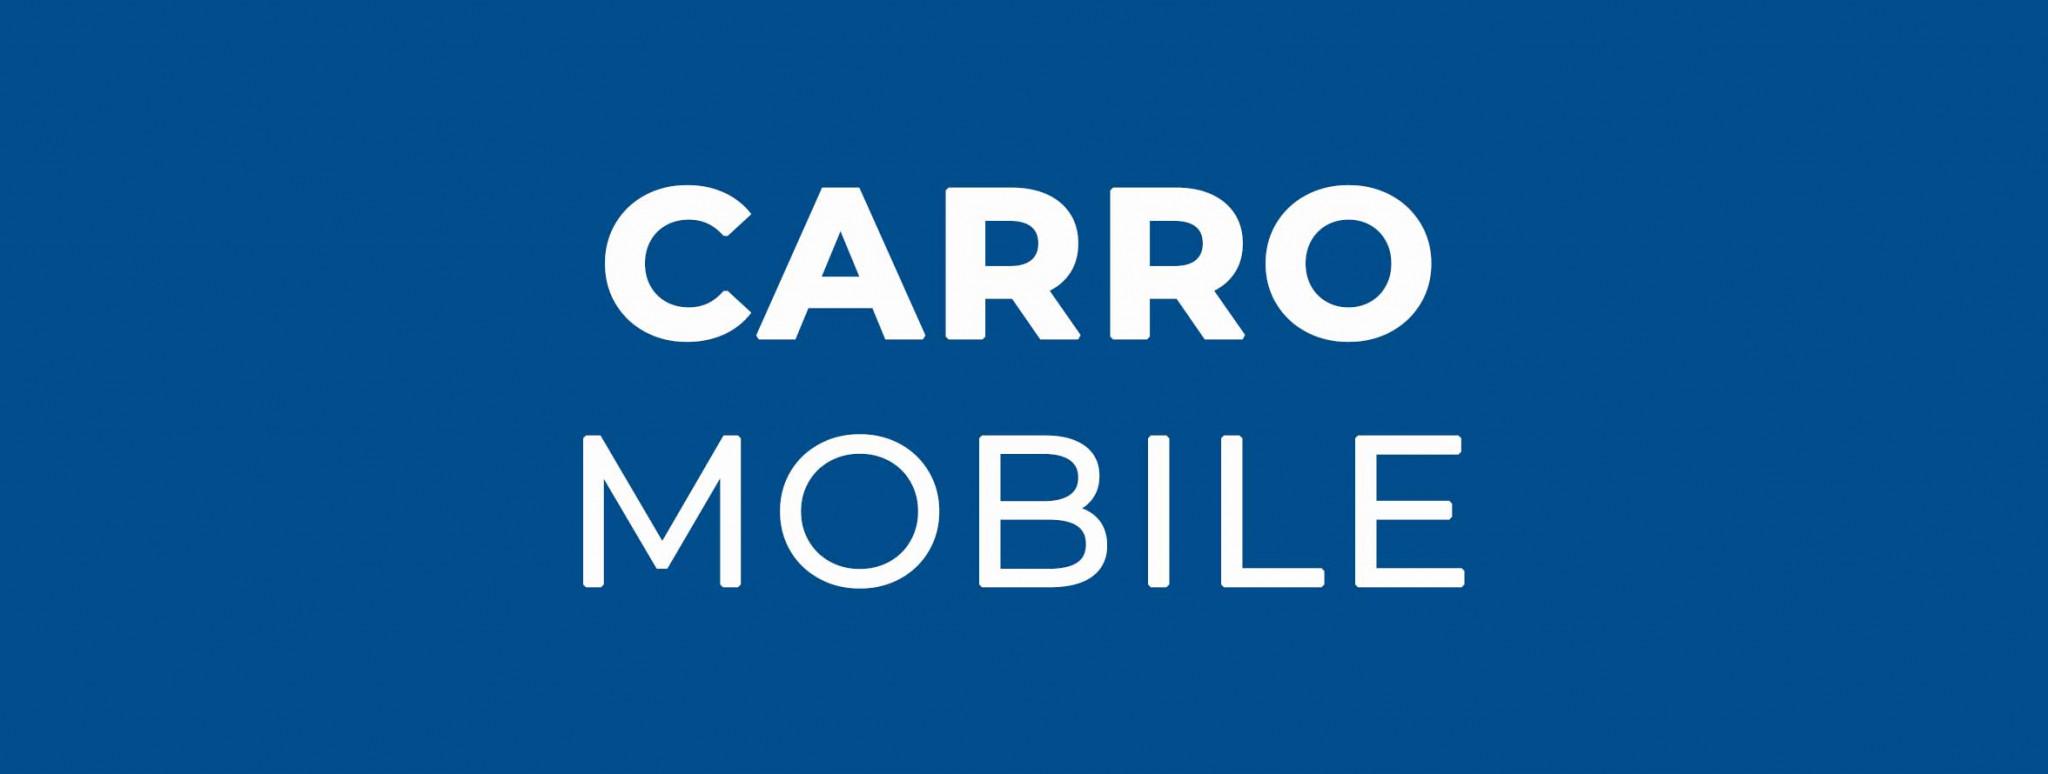 Carro Mobile